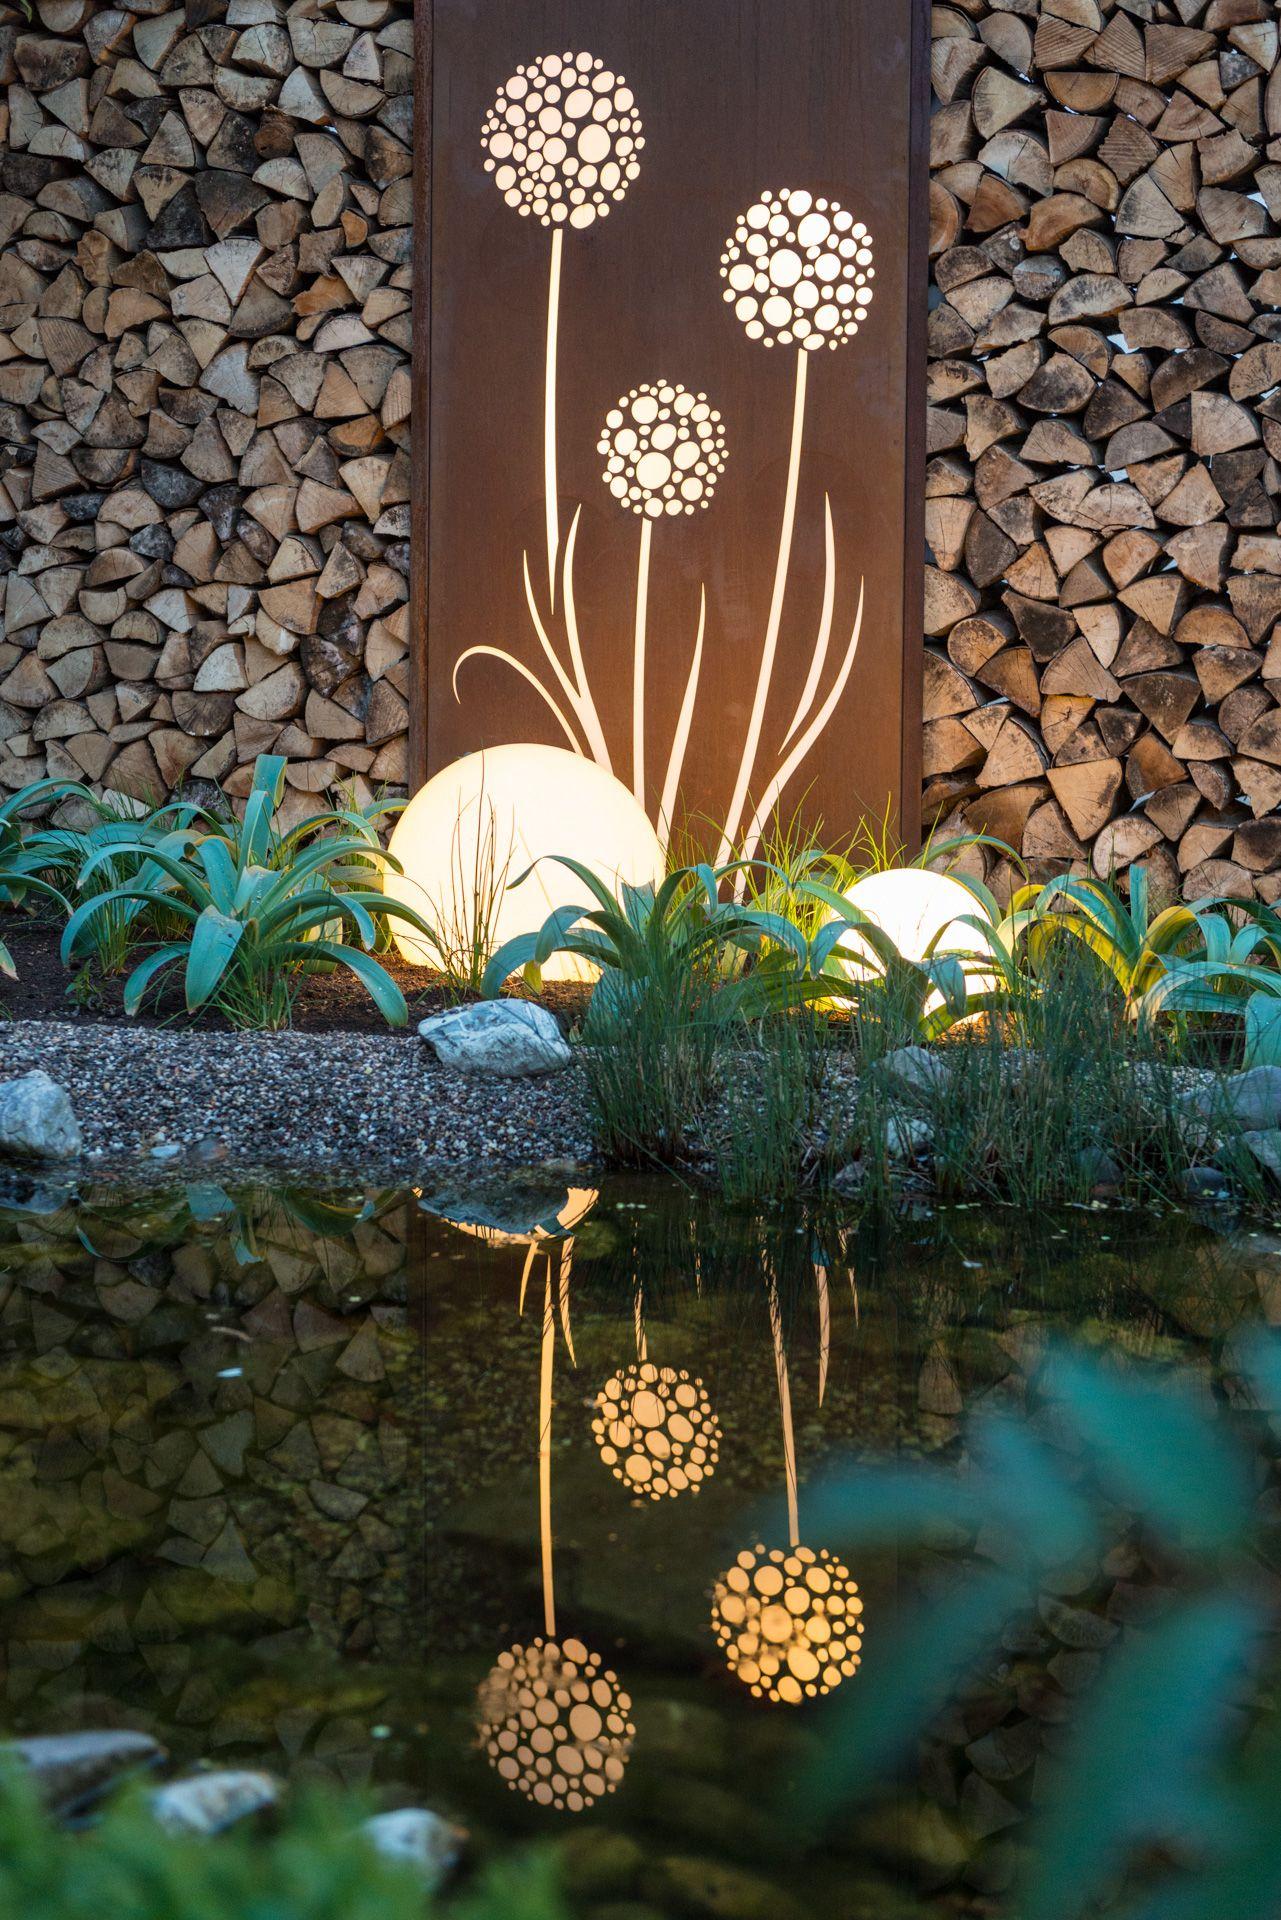 Wunderbar Wershofen Garten Design, Sichtschutz